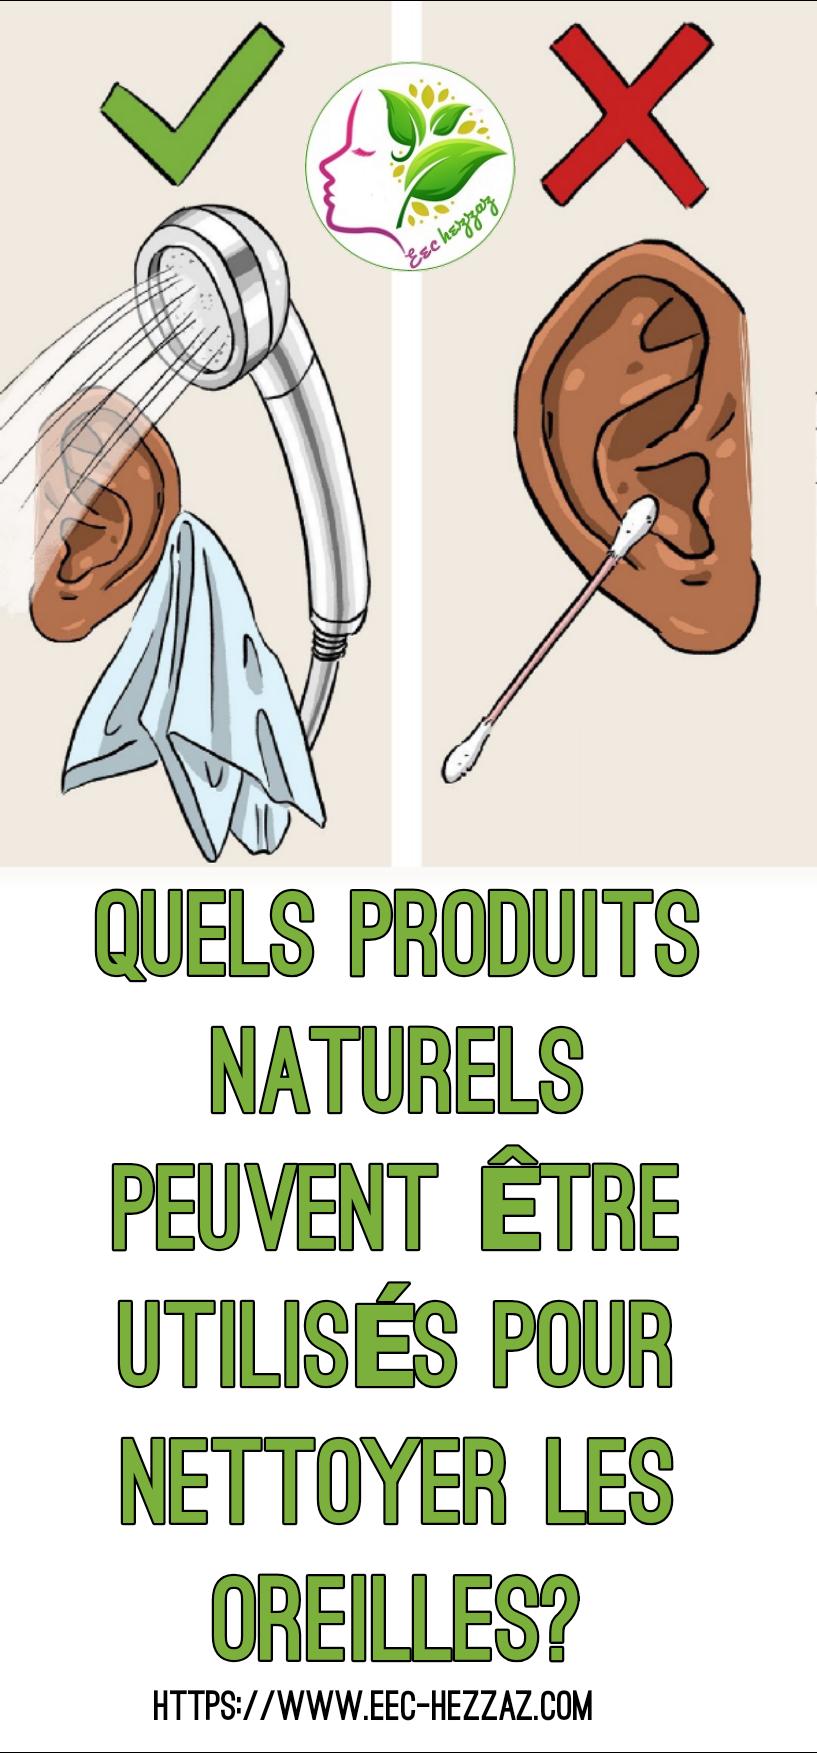 Quels produits naturels peuvent être utilisés pour nettoyer les oreilles?